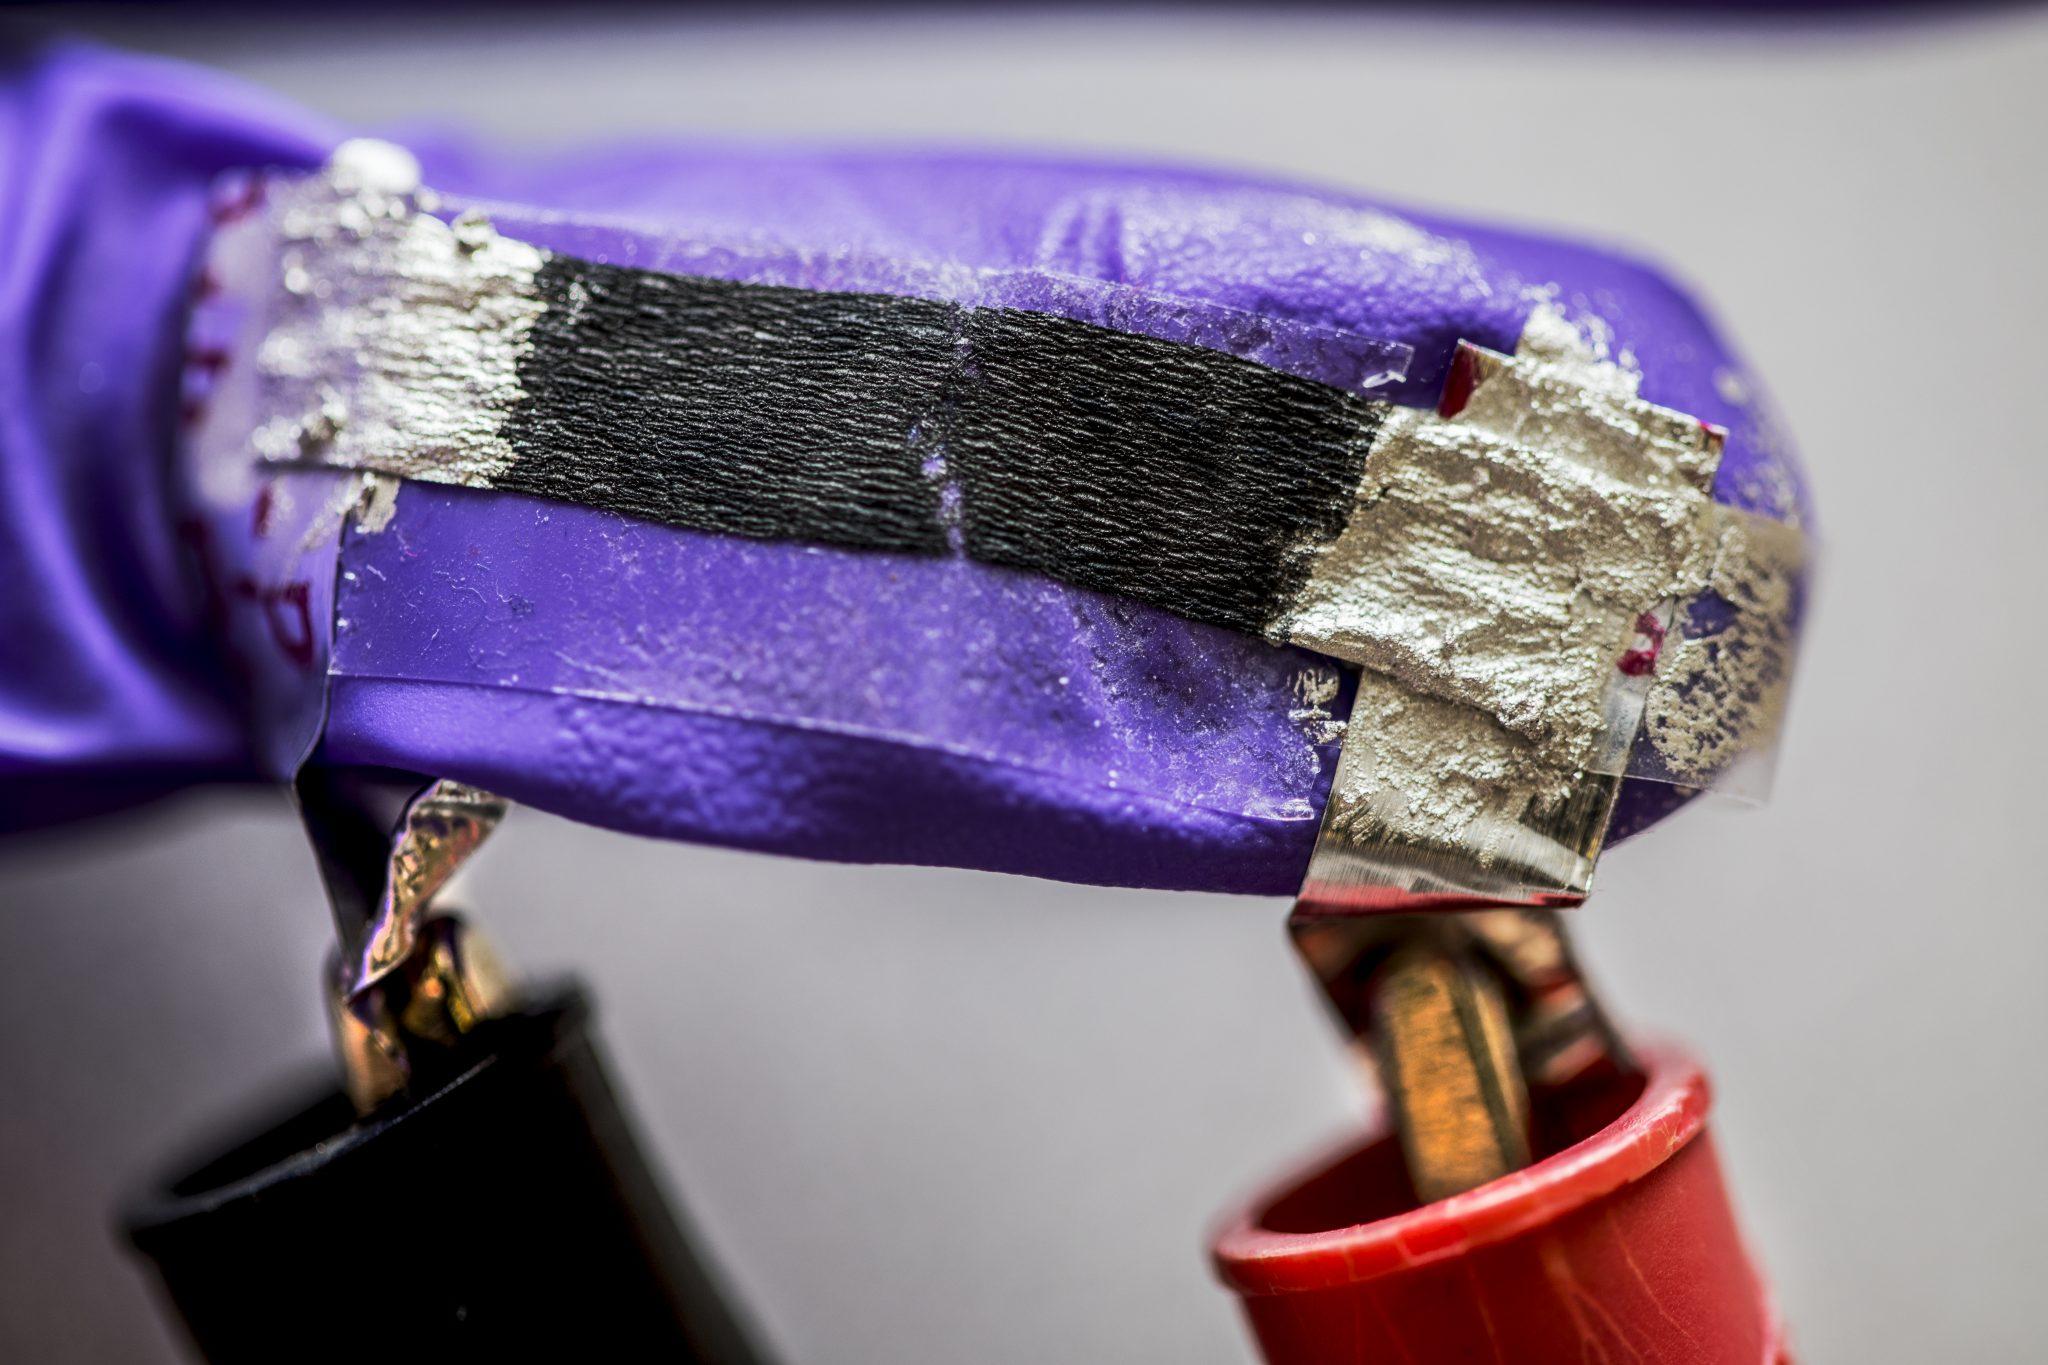 این سنسور کاغذی از نانولوله های کربنی ساخته شده و حرکات چشم را دنبال می کند!!